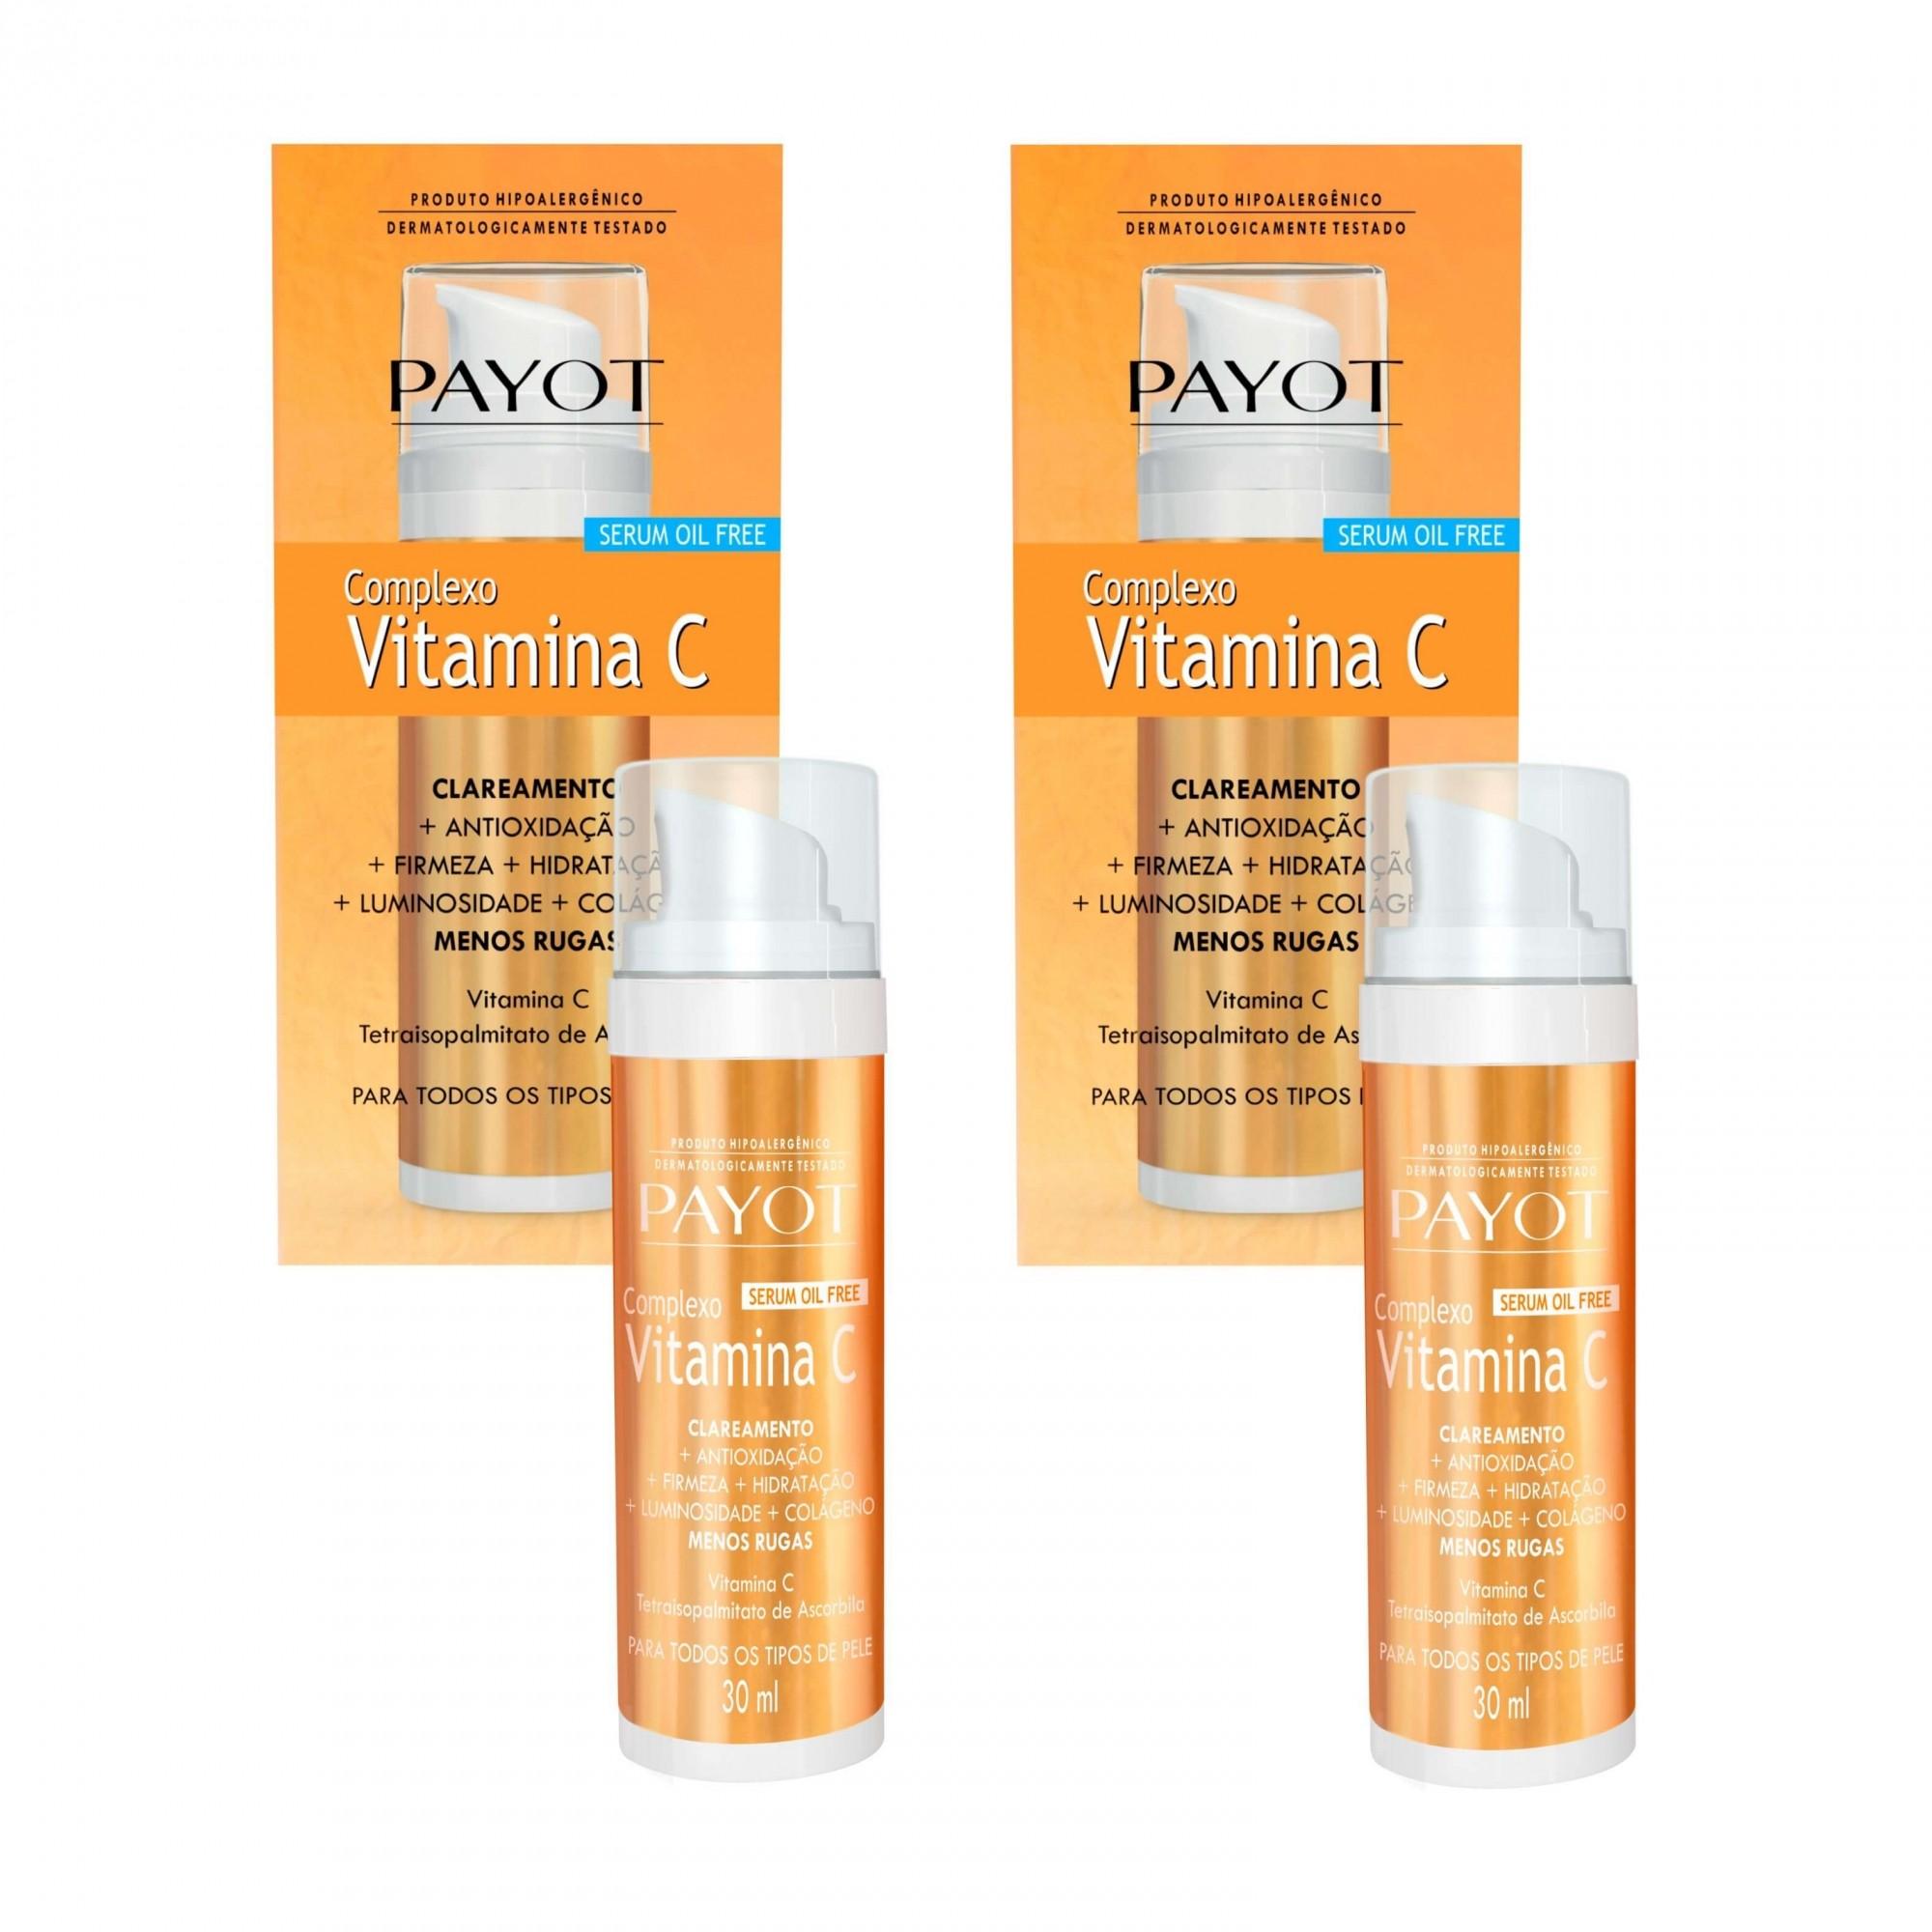 Kit Complexo de Vitamina C Payot (2 produtos)